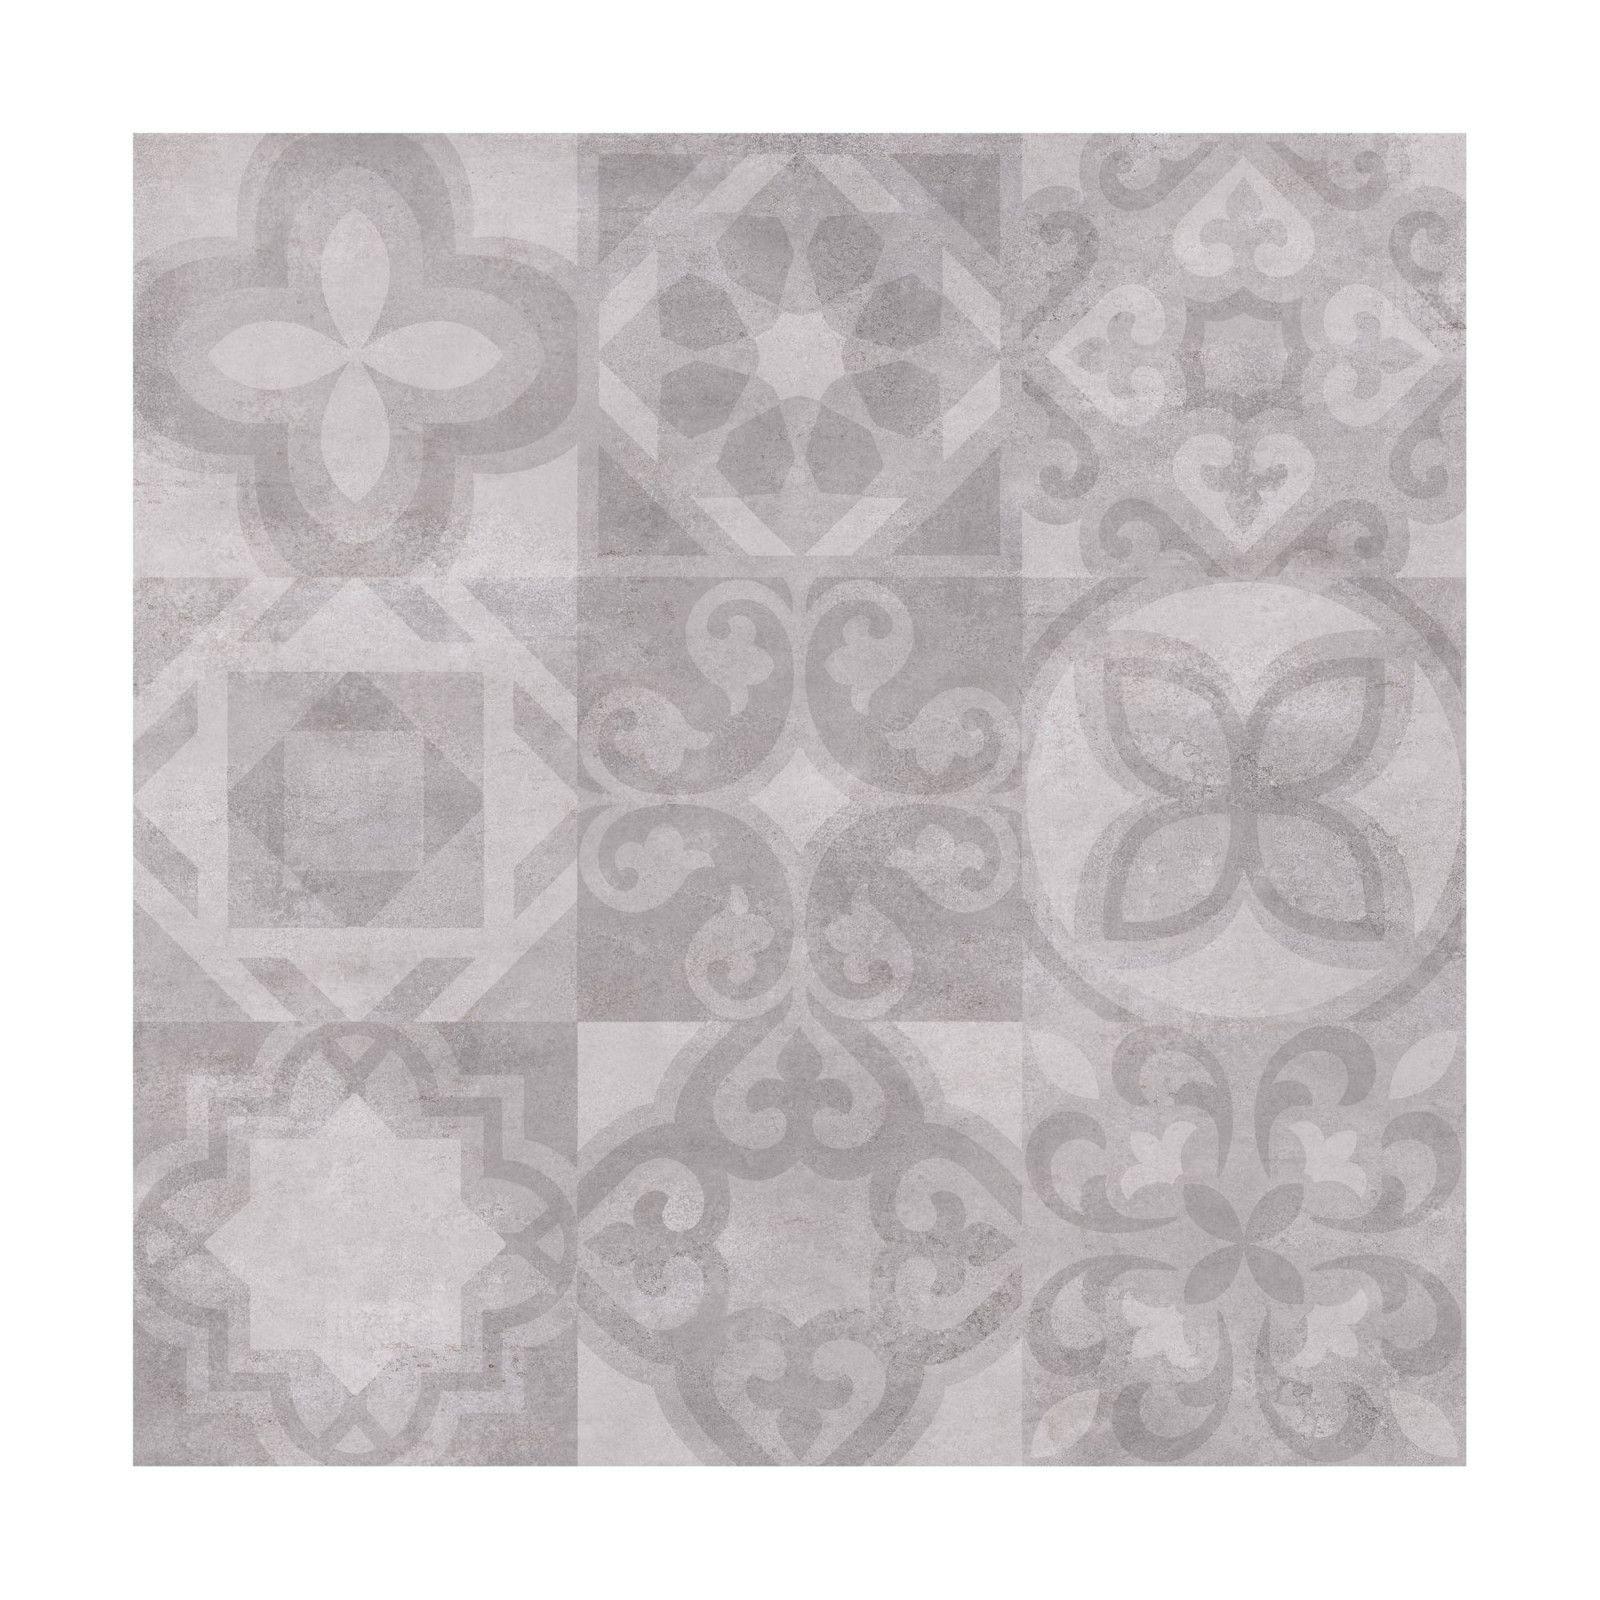 patterned tiles closeup lis wooden medium with de ceramic tile motif floor fleur